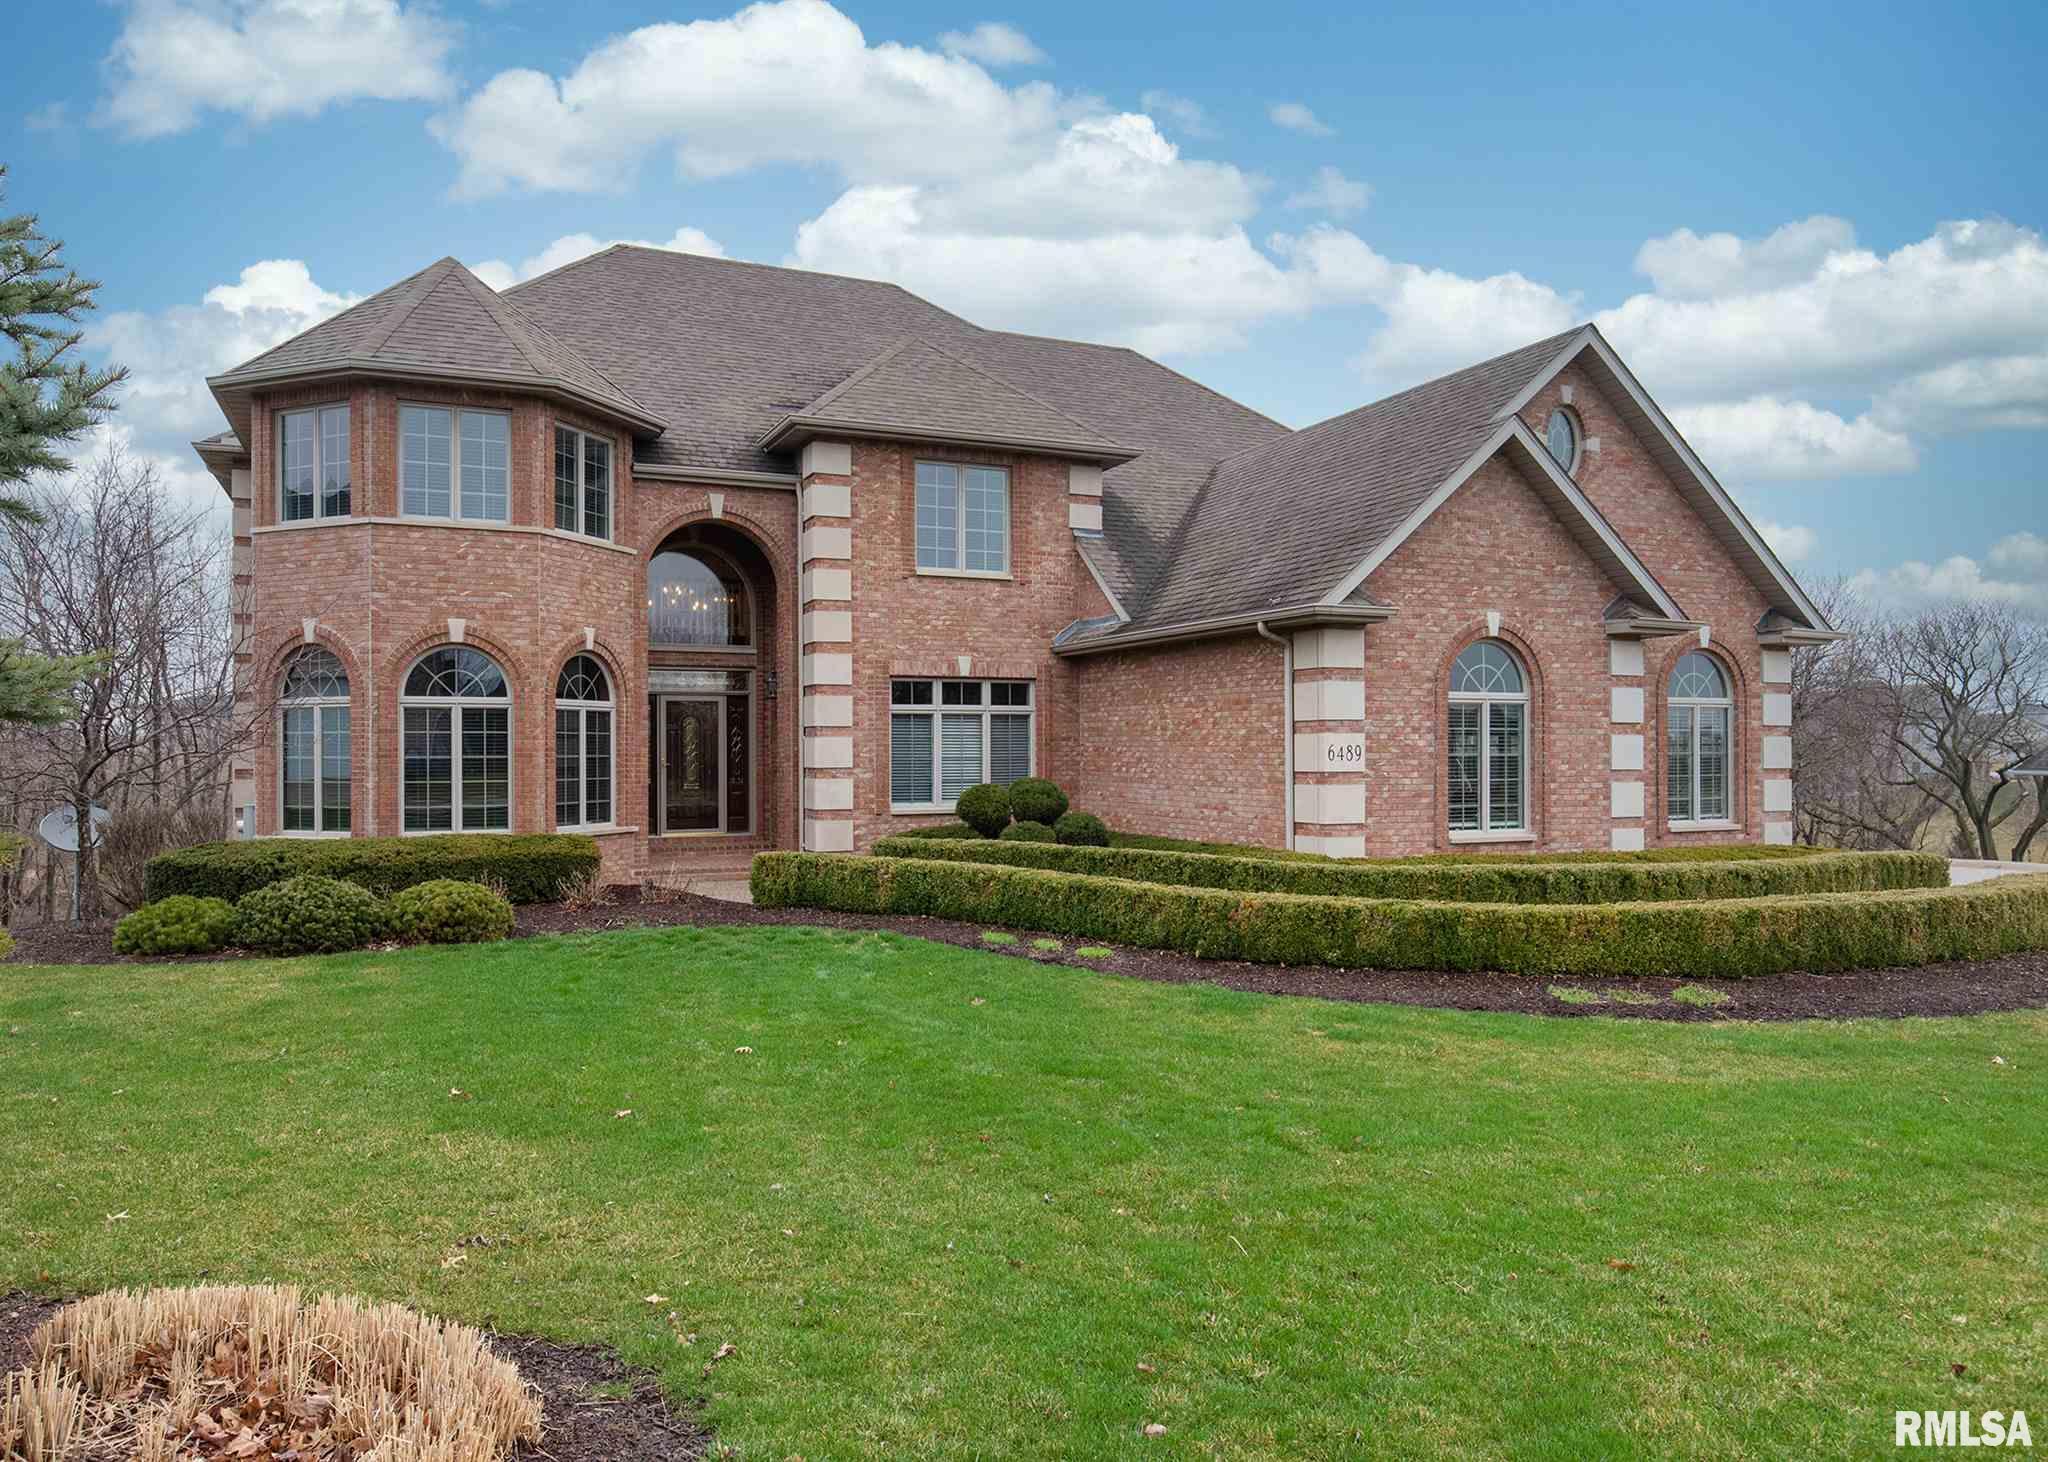 6489 EAGLE RIDGE Property Photo - Bettendorf, IA real estate listing